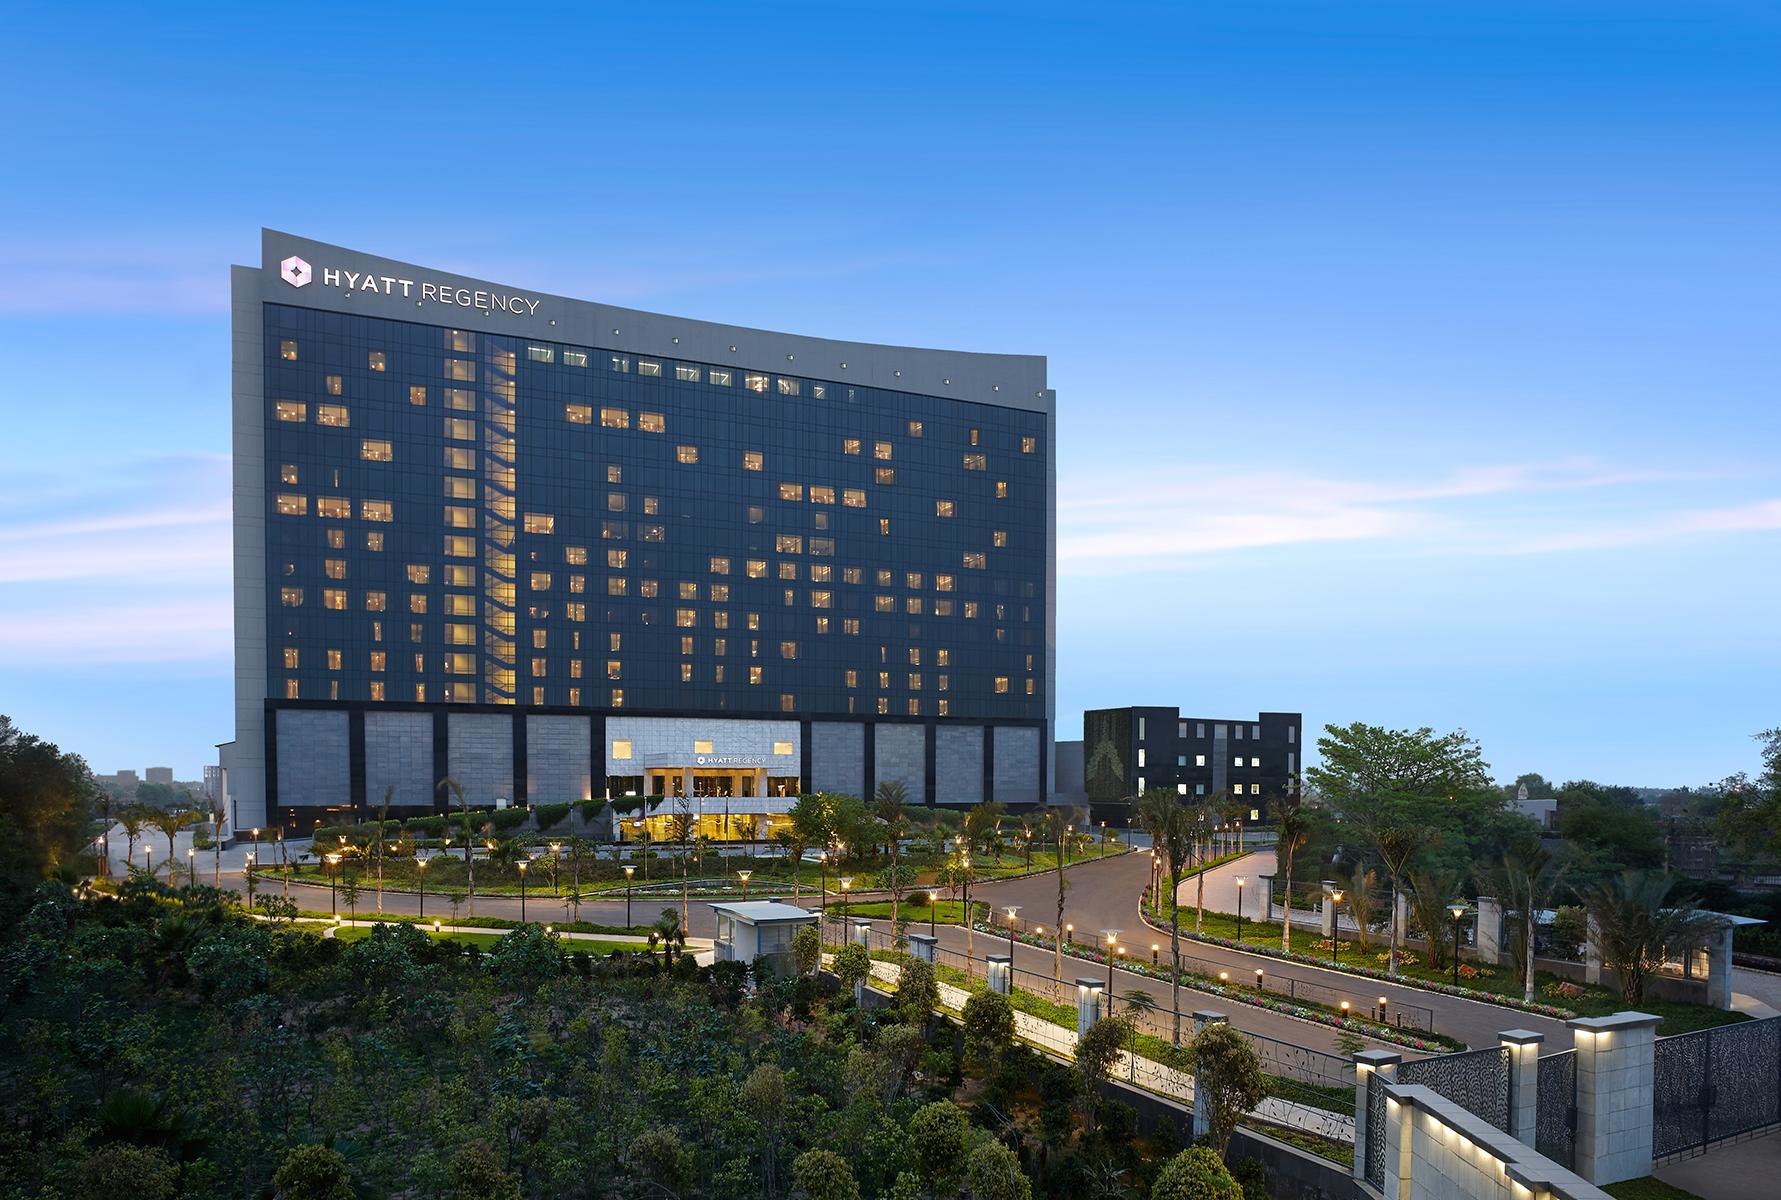 The facade of the Hyatt Regency Gurgaon.